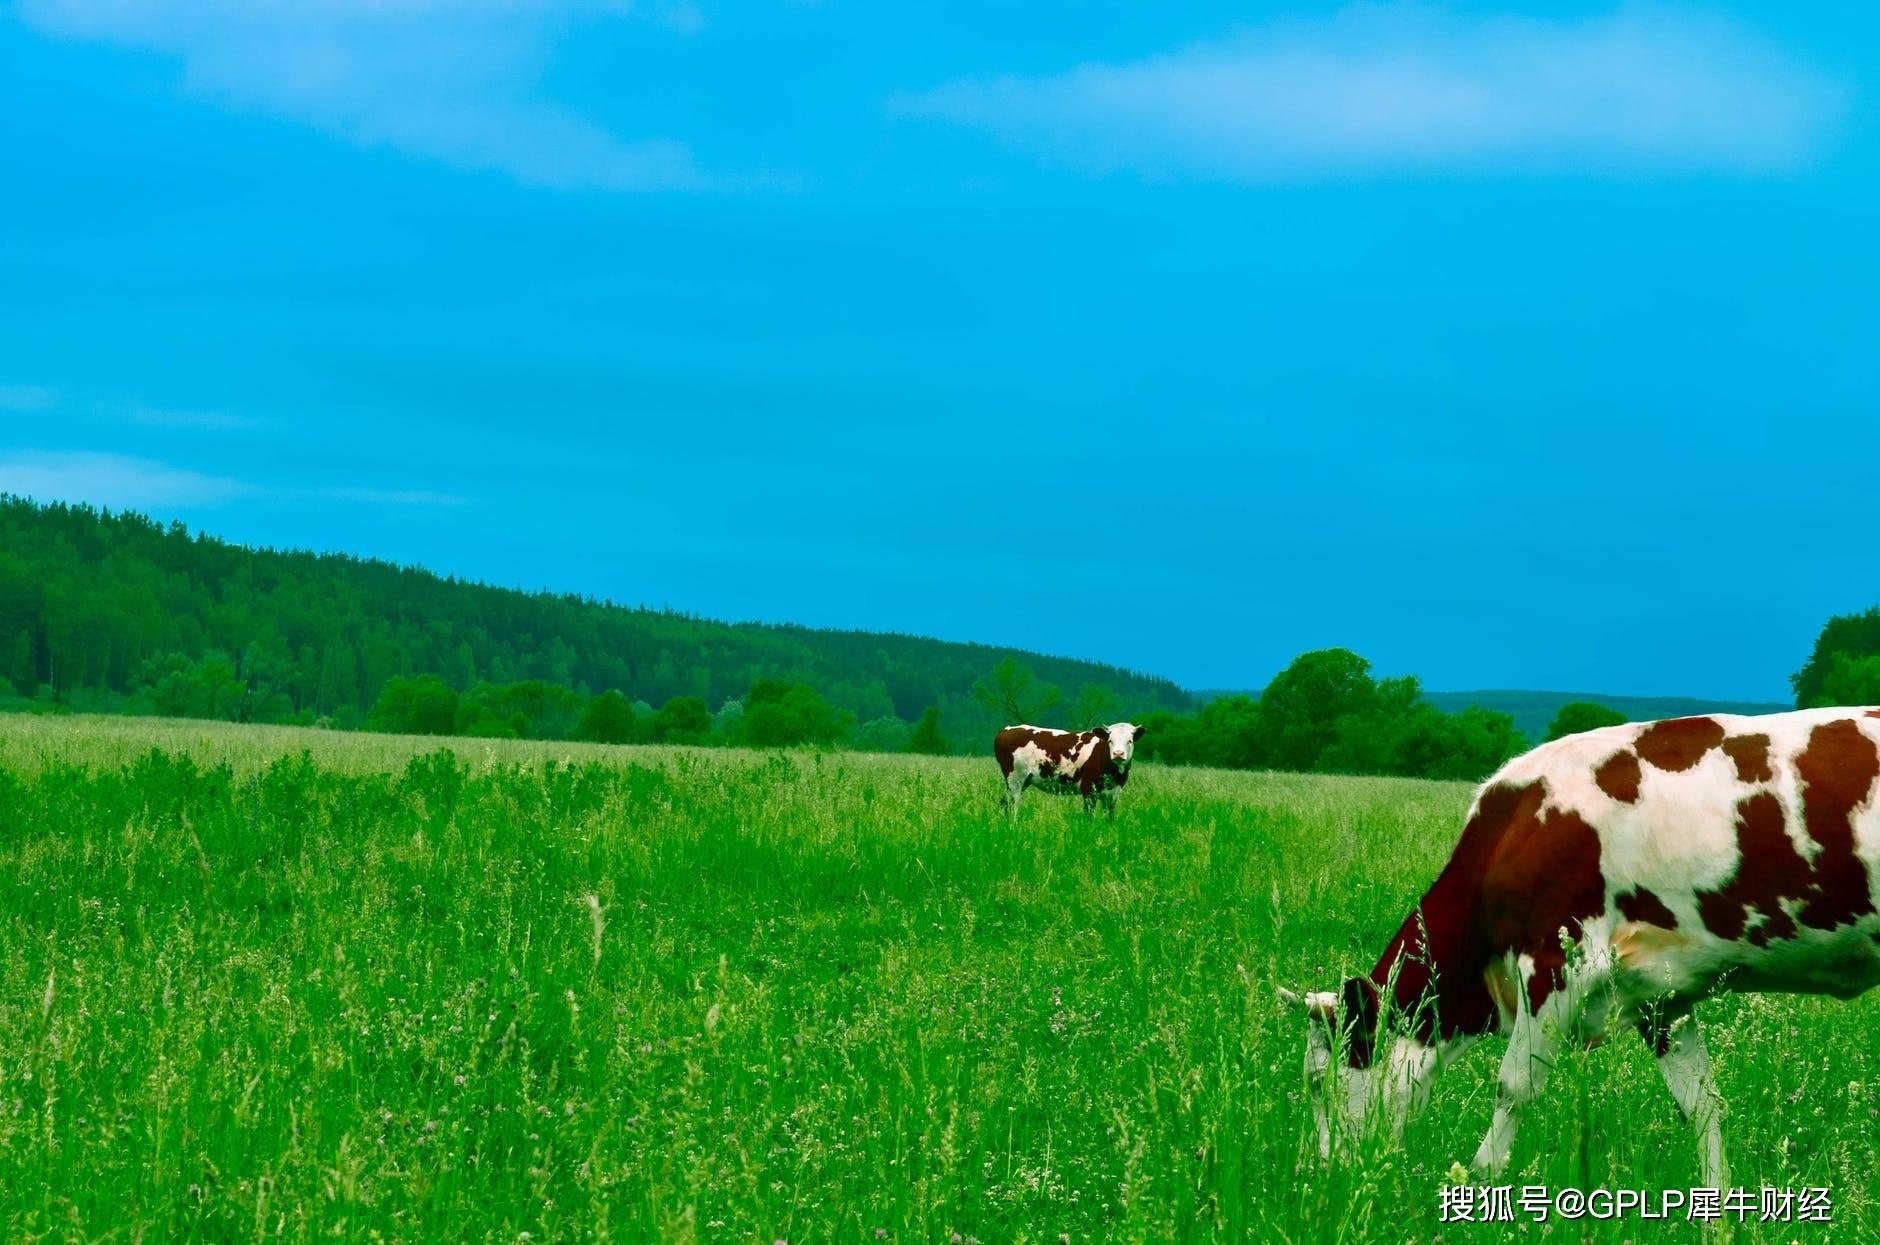 目瞪口呆!奶源争夺战正酣 恒天然却25亿元出售牧场群有何玄机